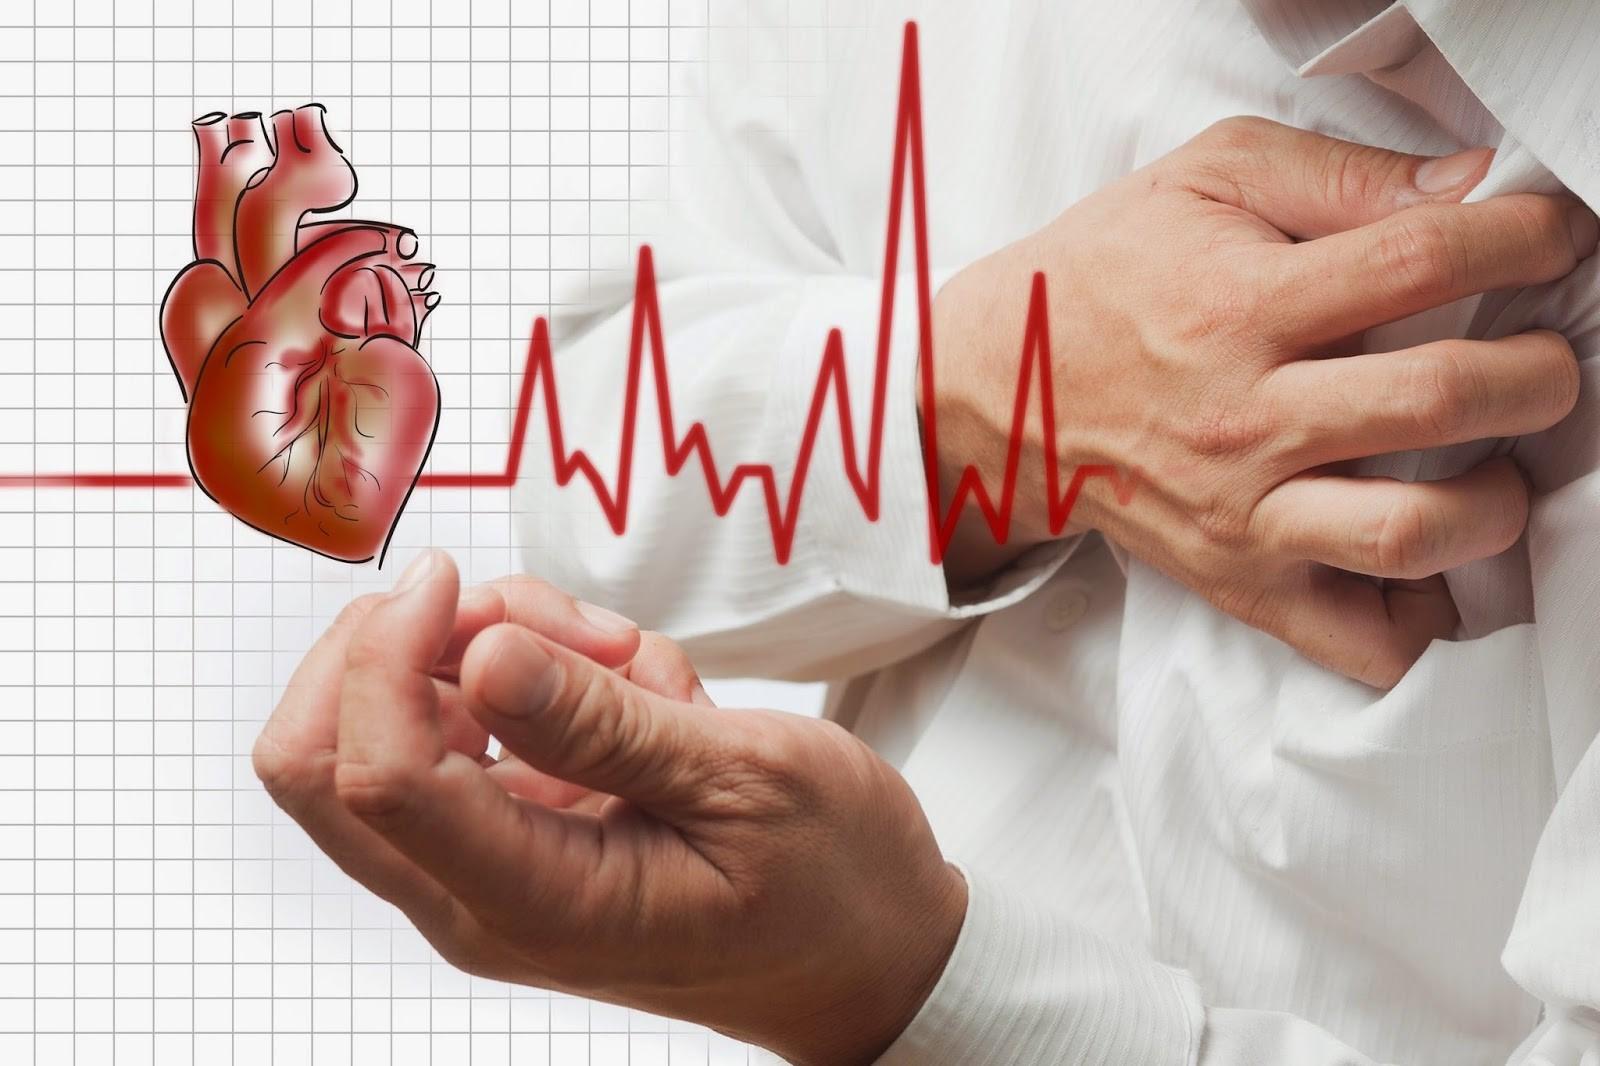 Một số bệnh lý về tim mạch thường gặp